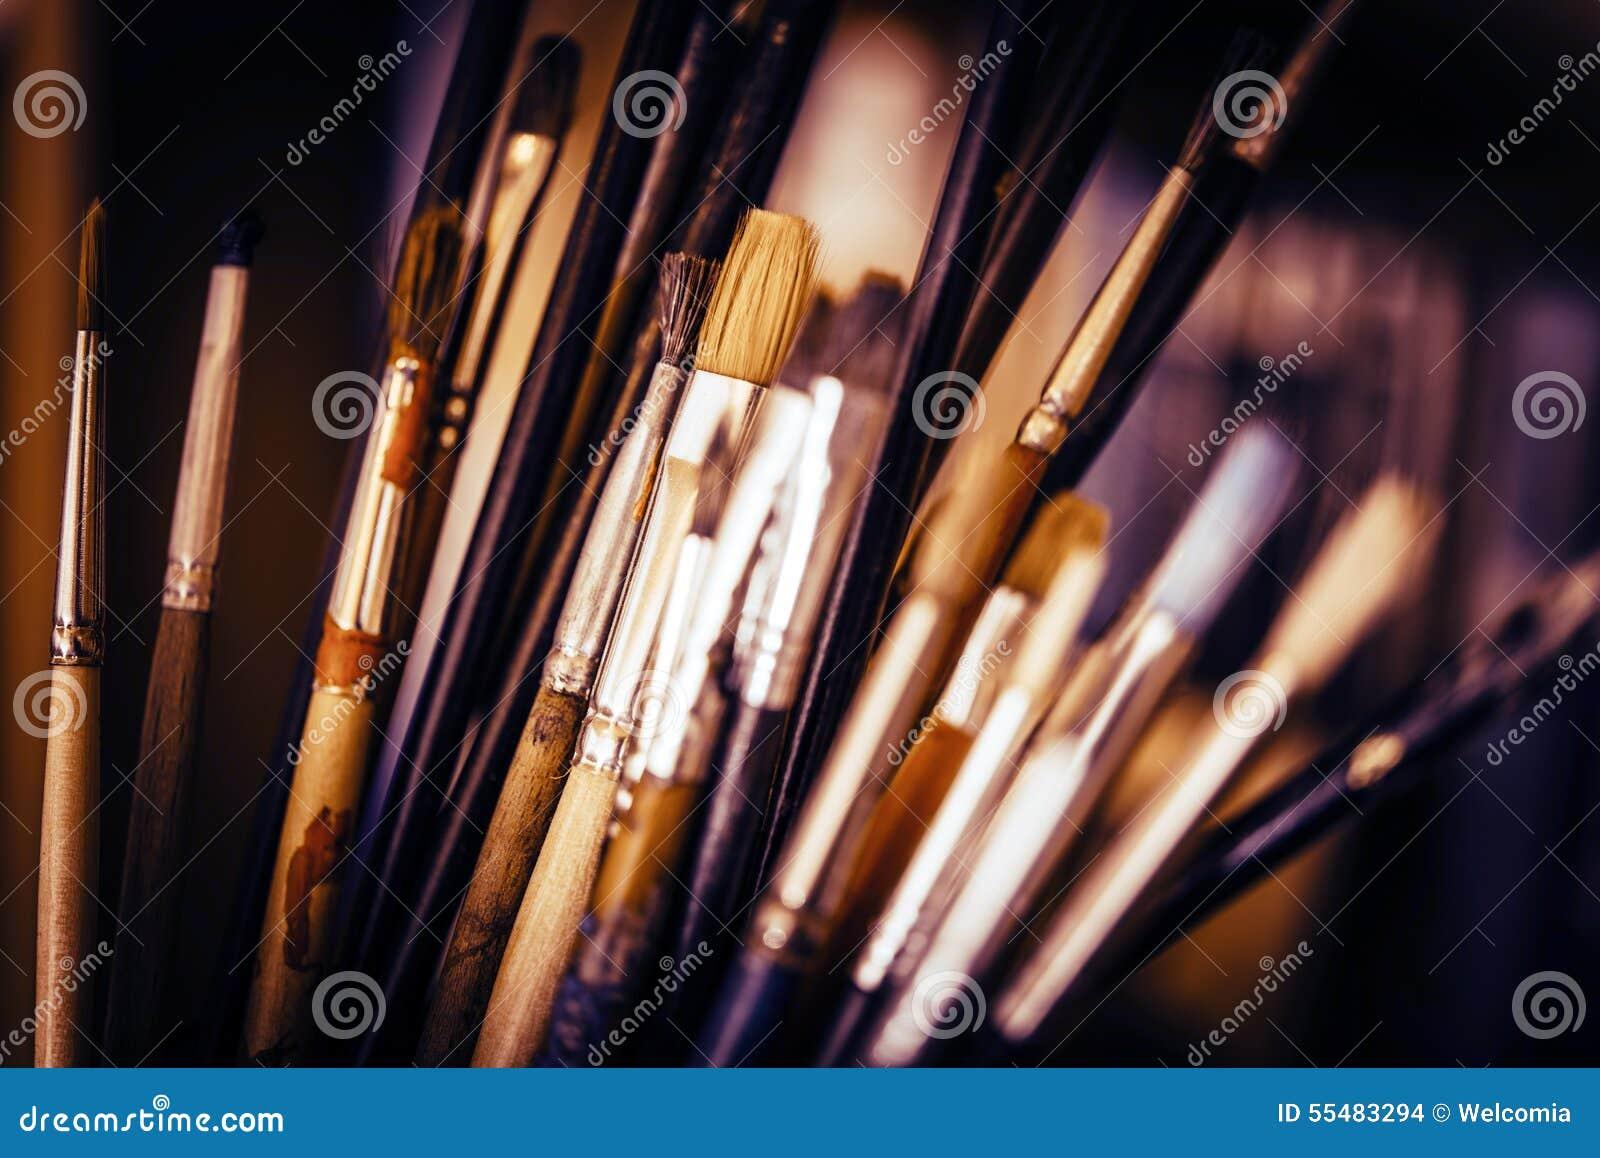 Brochas de la pintura al leo foto de archivo imagen de brochas brocha 55483294 - Brochas pintura ...